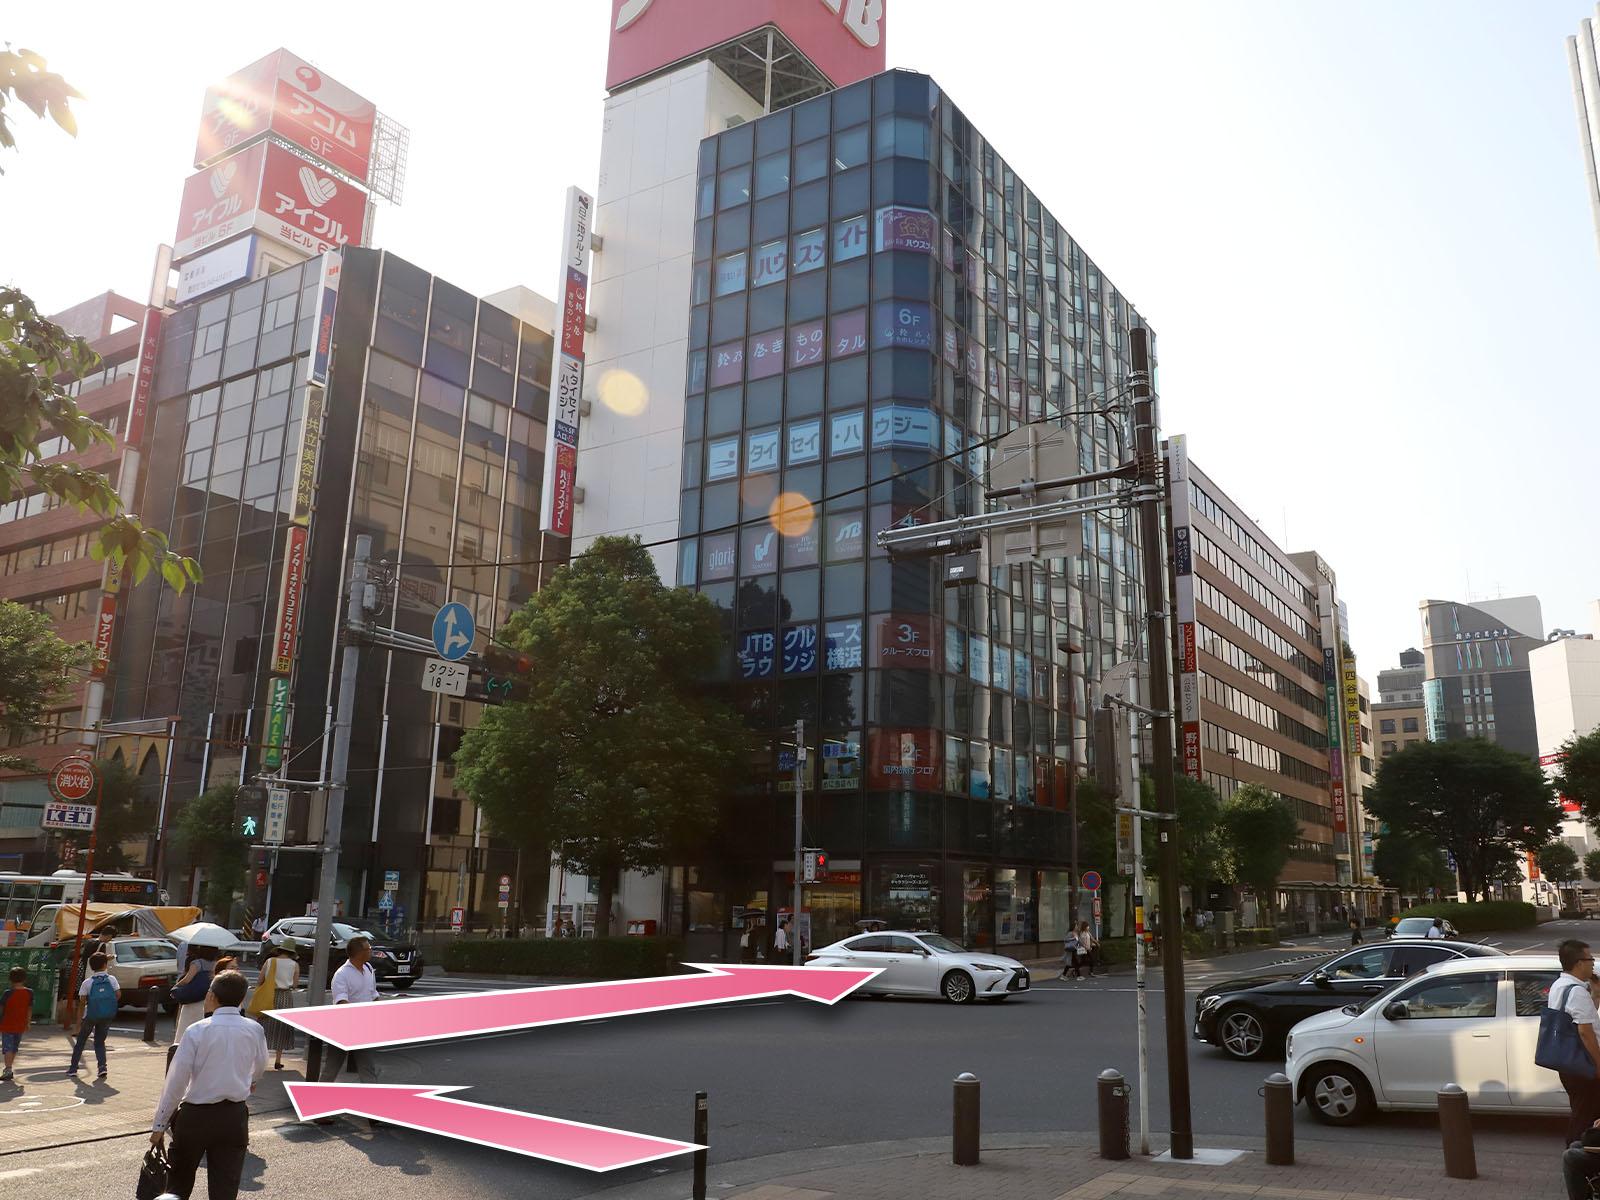 東京中央美容外科横浜院JR線ルート06